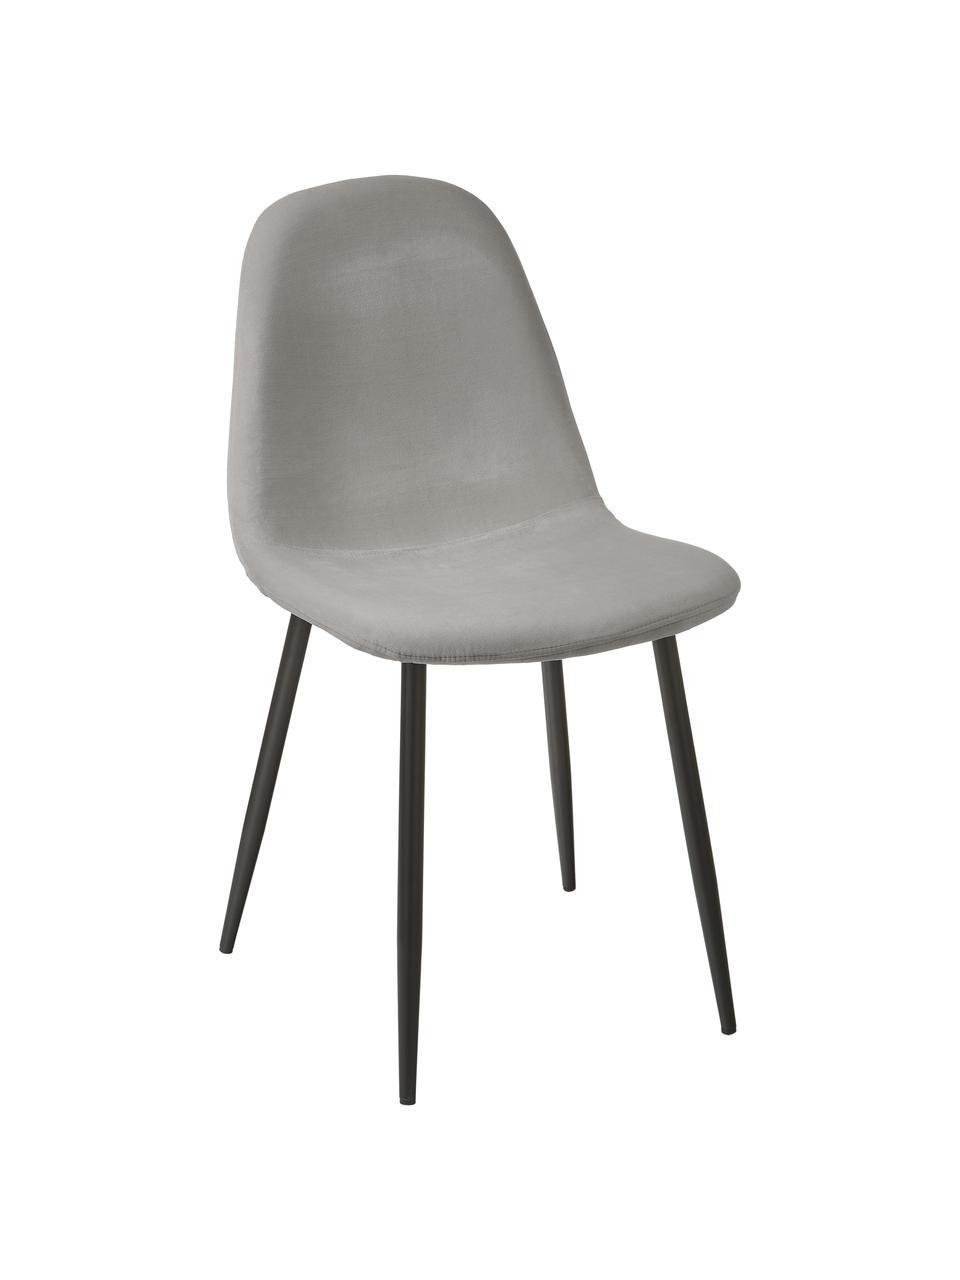 Sedia imbottita in velluto grigio Karla 2 pz, Rivestimento: velluto (100% poliestere), Gambe: metallo verniciato a polv, Velluto grigio, Larg. 44 x Alt. 53 cm